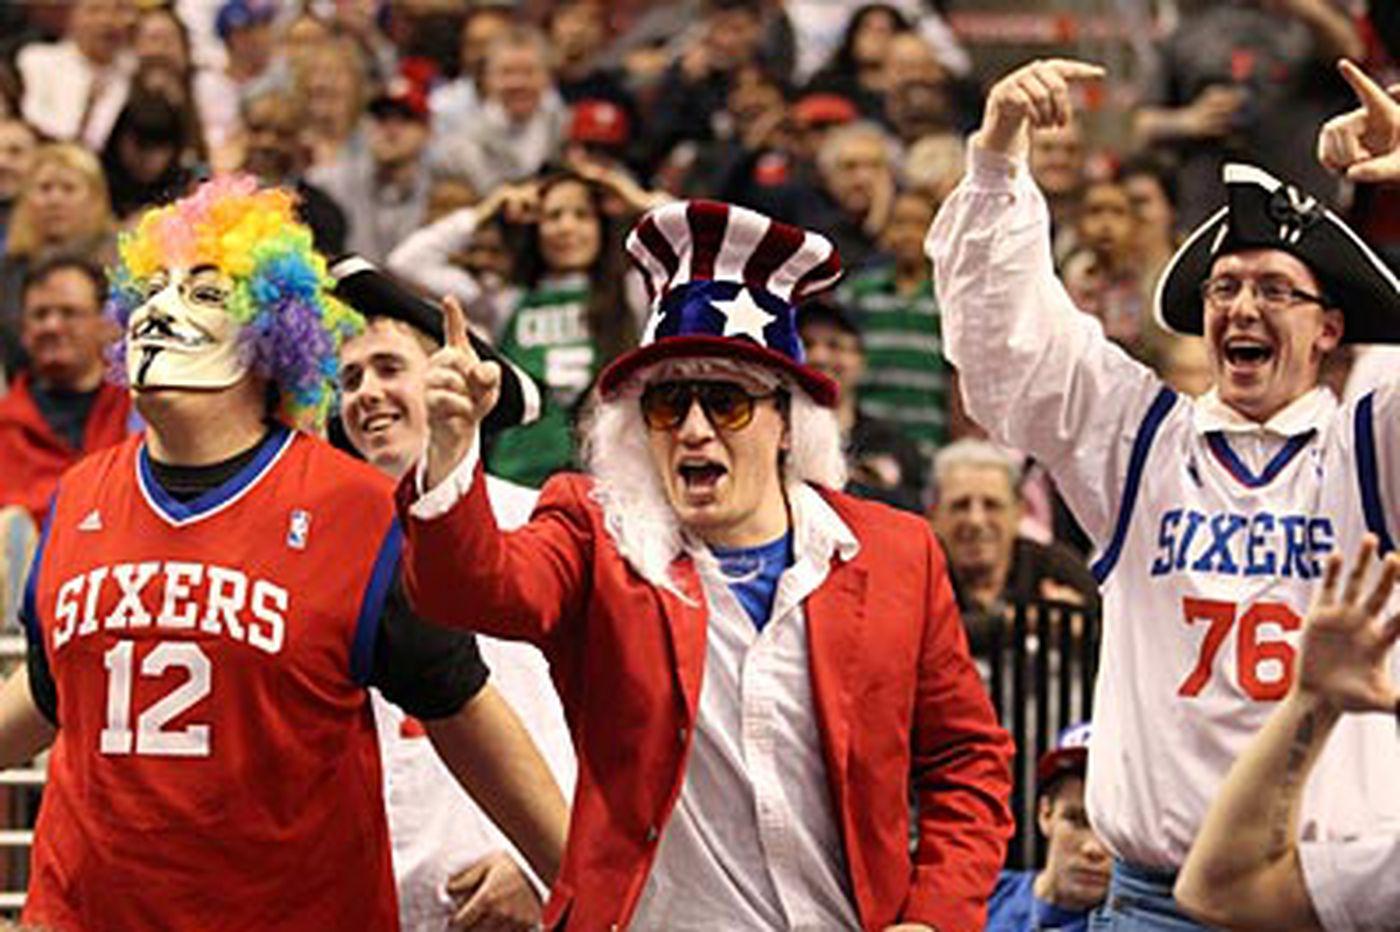 John Smallwood: NBA fans locked in after lockout